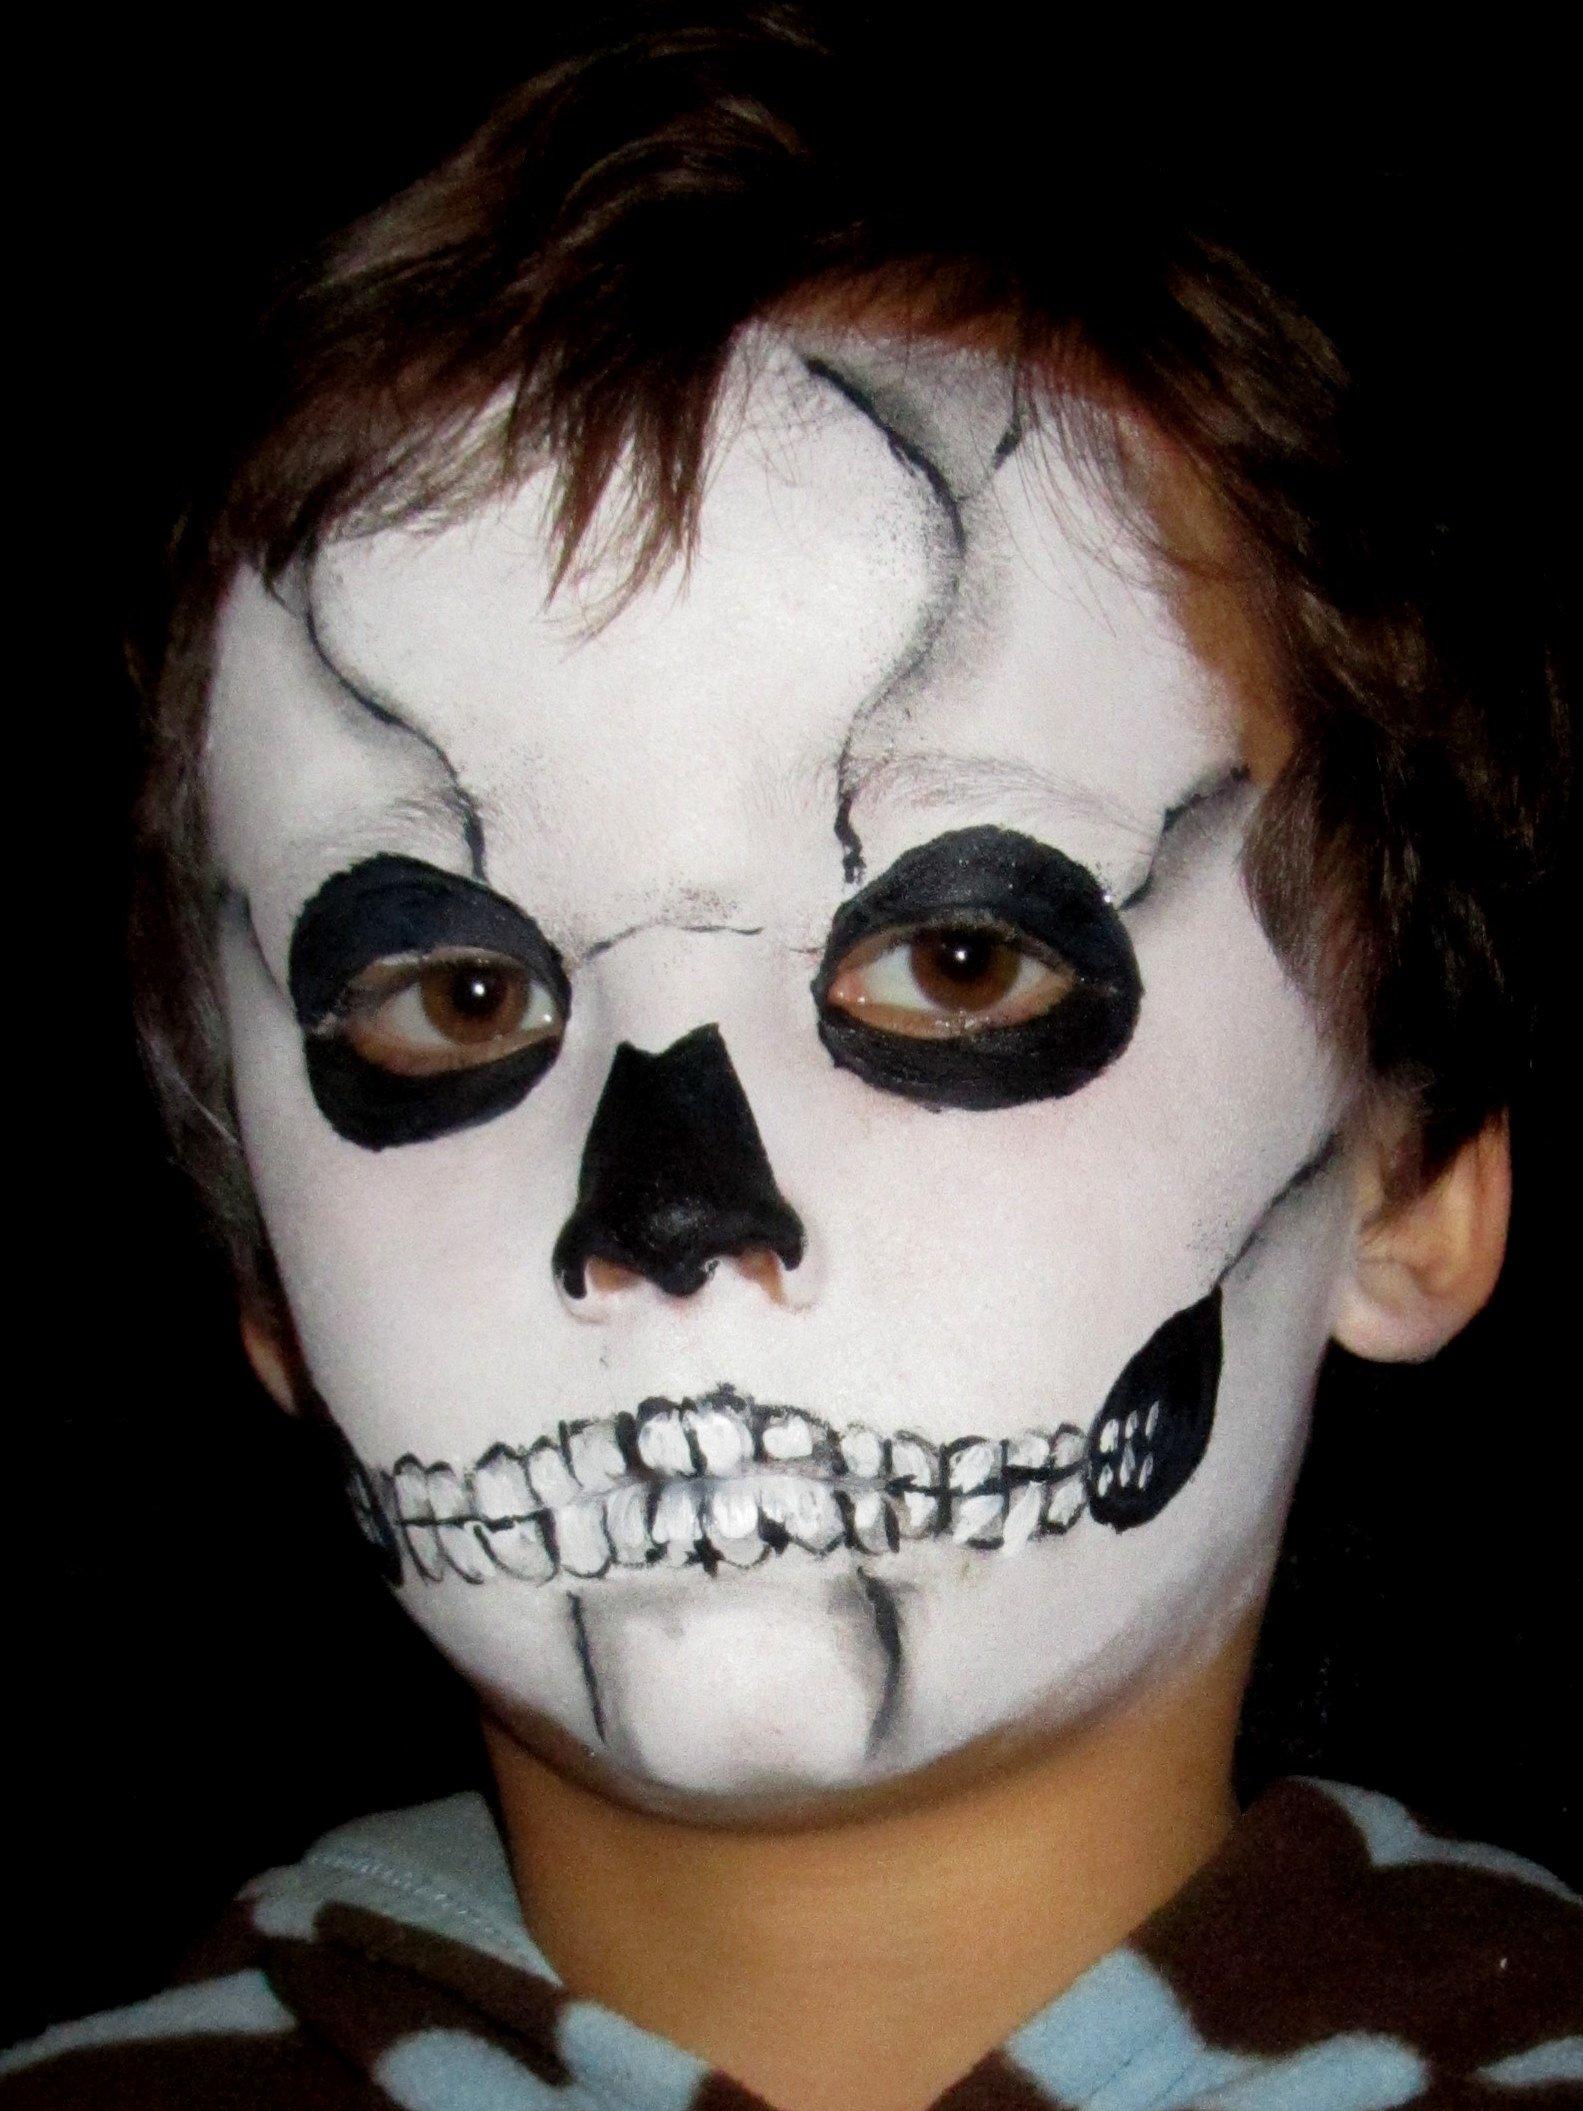 10 Best Cool Halloween Face Paint Ideas face painting designs celestielle paint 1 2020